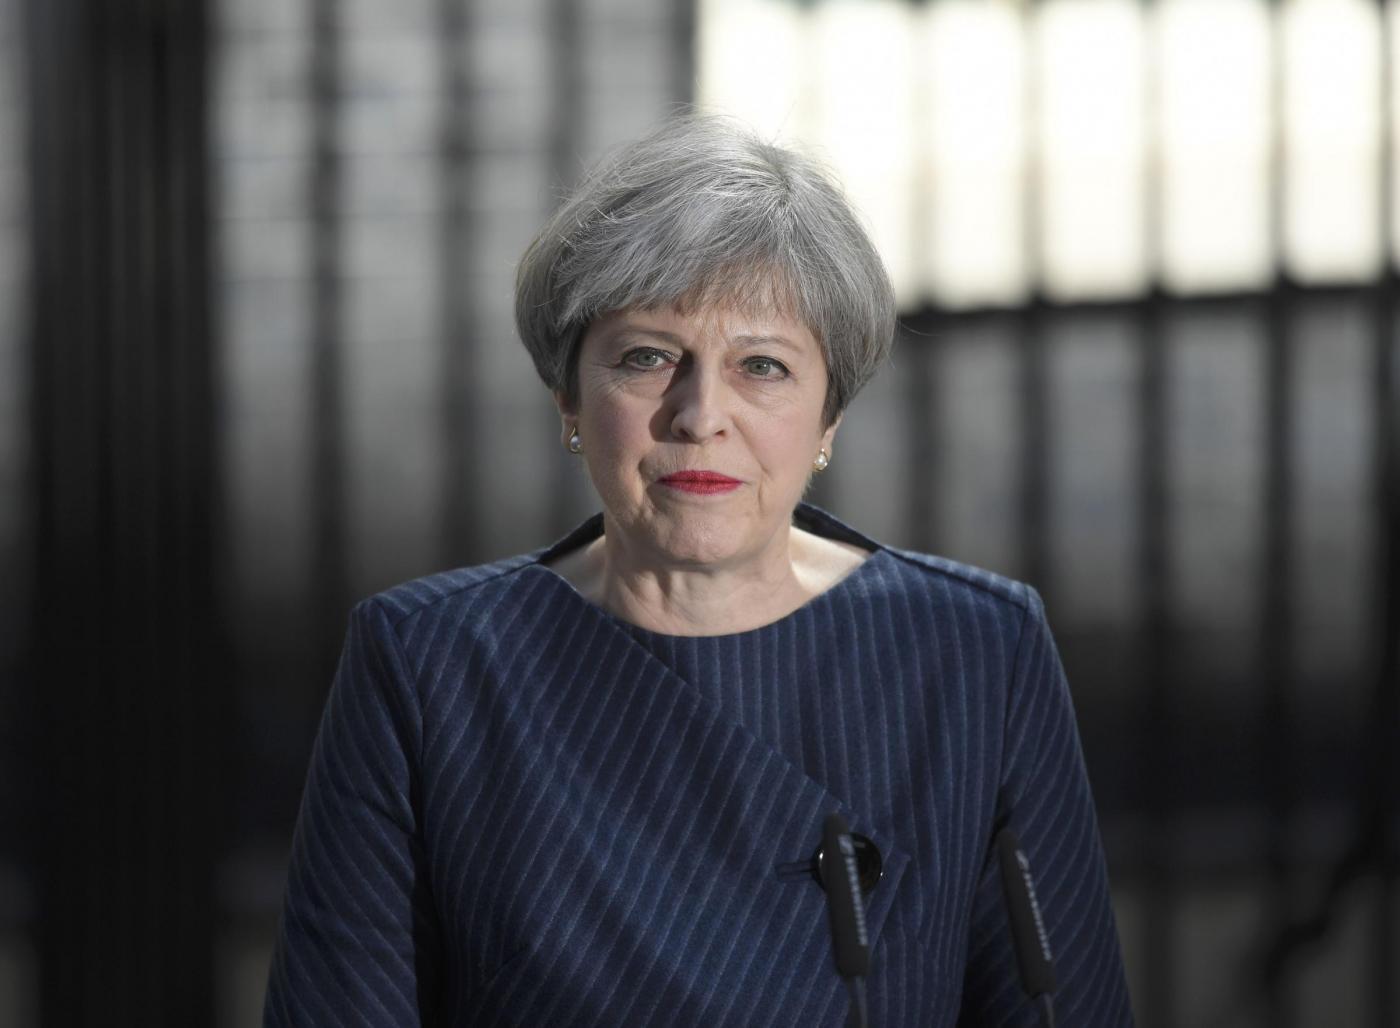 Theresa May annuncia a sorpresa elezioni anticipate in Gran Bretagna: al voto l'8 giugno